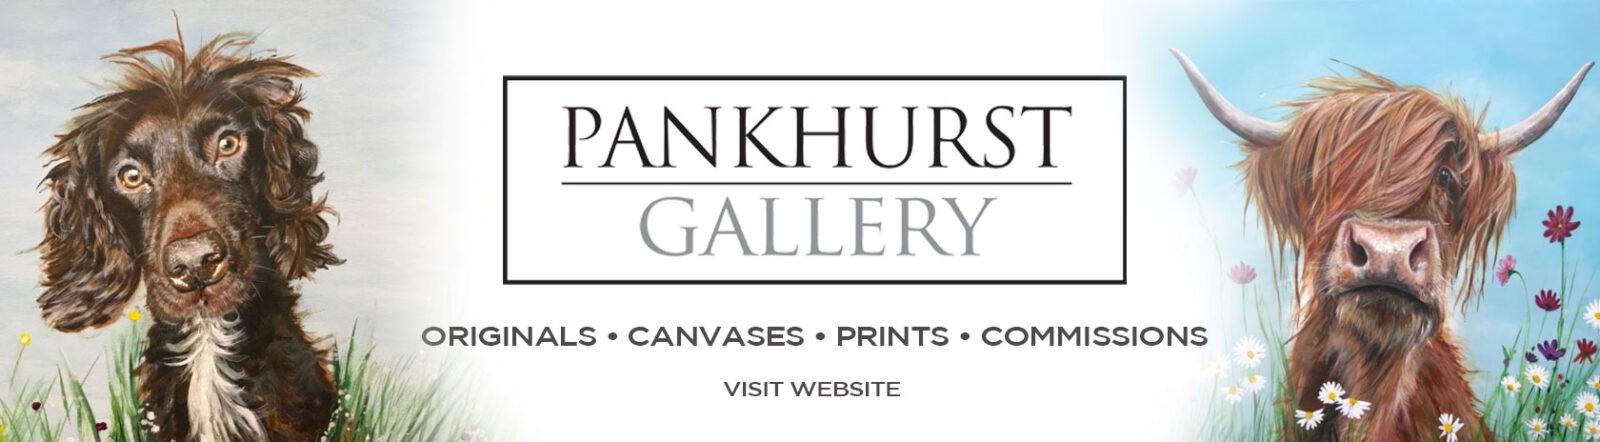 Pankhurst Galler Banner